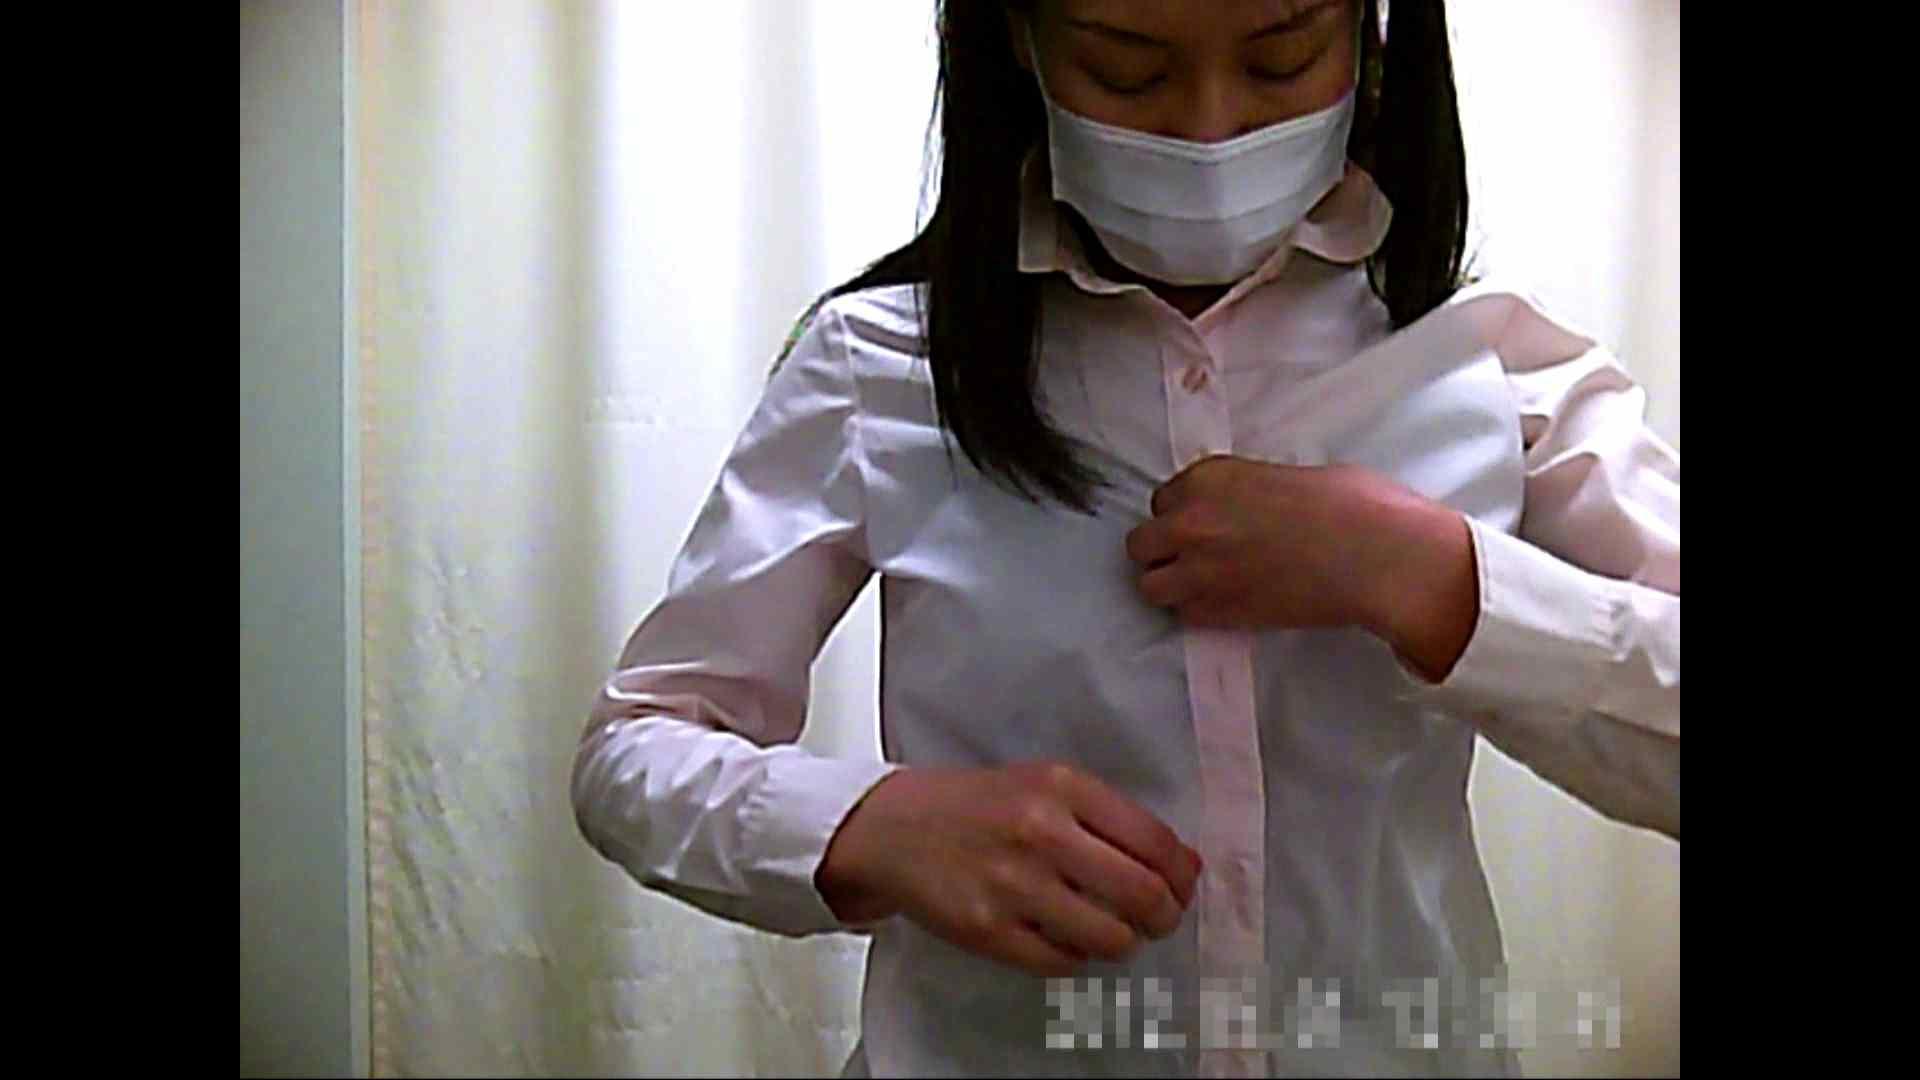 元医者による反抗 更衣室地獄絵巻 vol.004 OL | 0  84連発 81